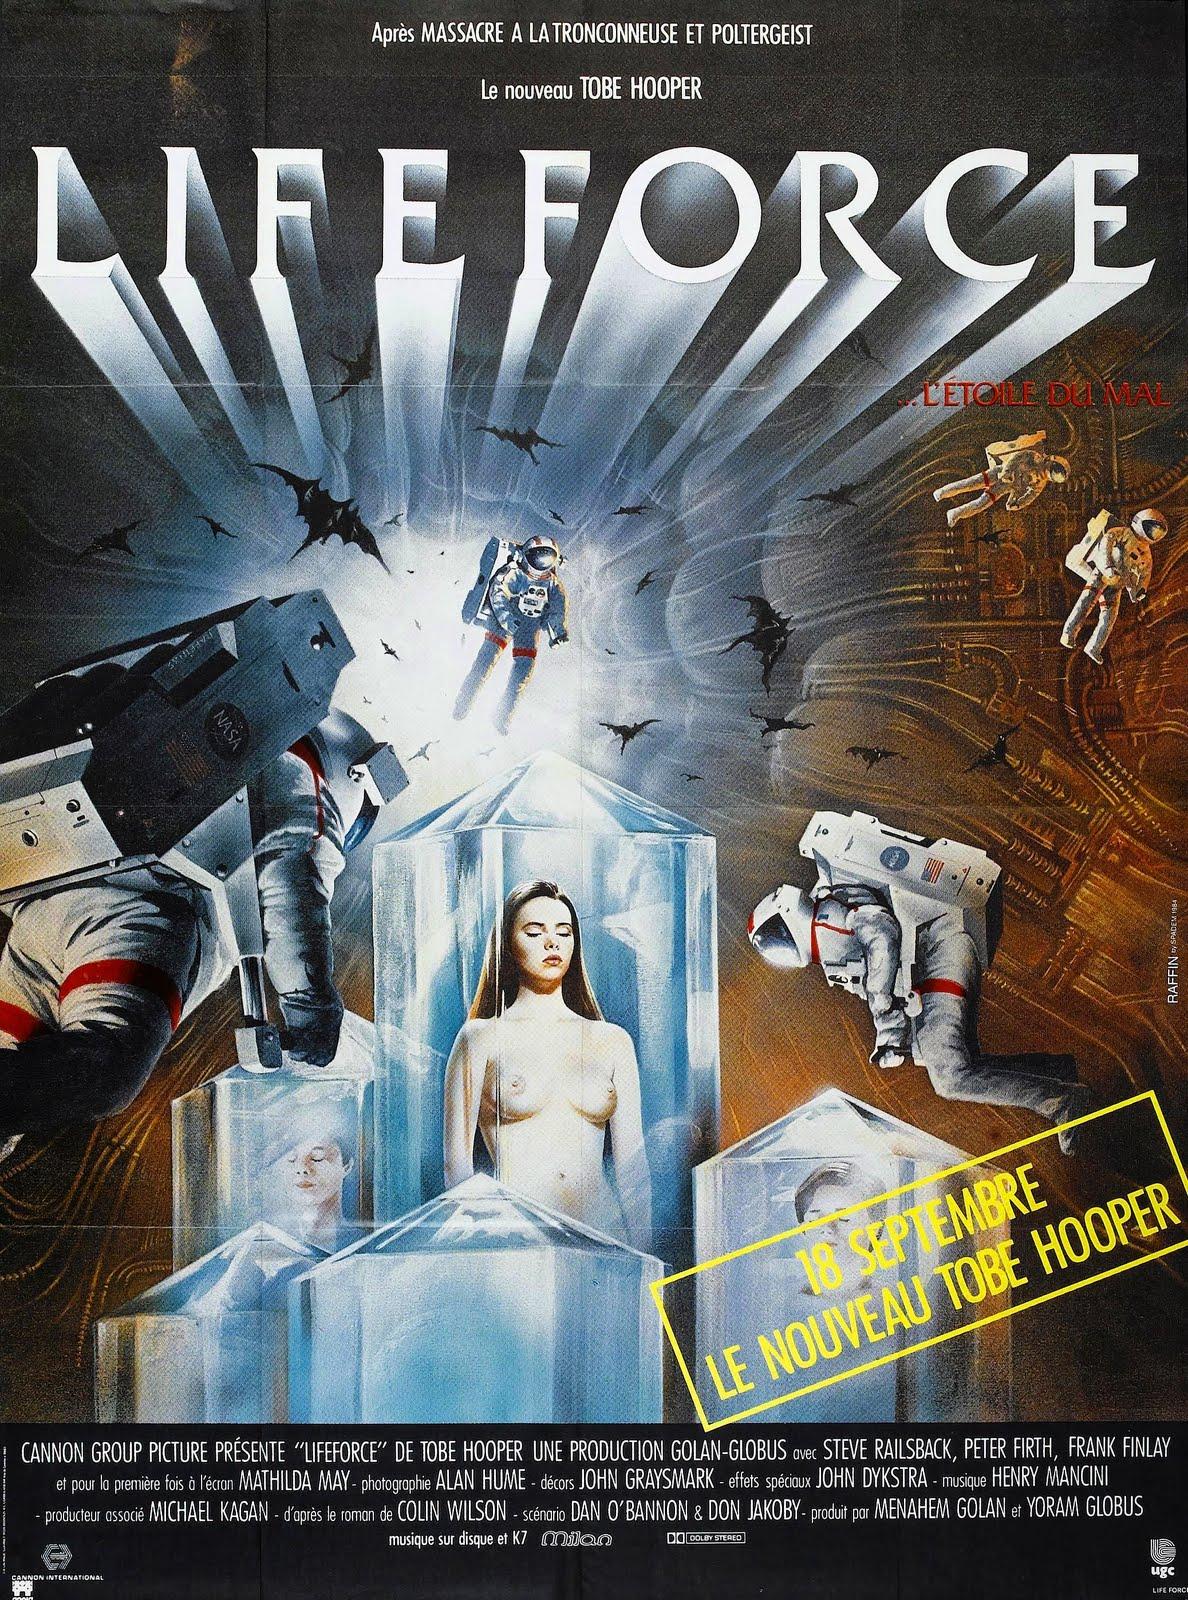 http://3.bp.blogspot.com/_k0QMvM_eyus/S_Z_19rLB6I/AAAAAAAAAEU/UFAKVjH6rsE/s1600/lifeforce_poster_03.jpg